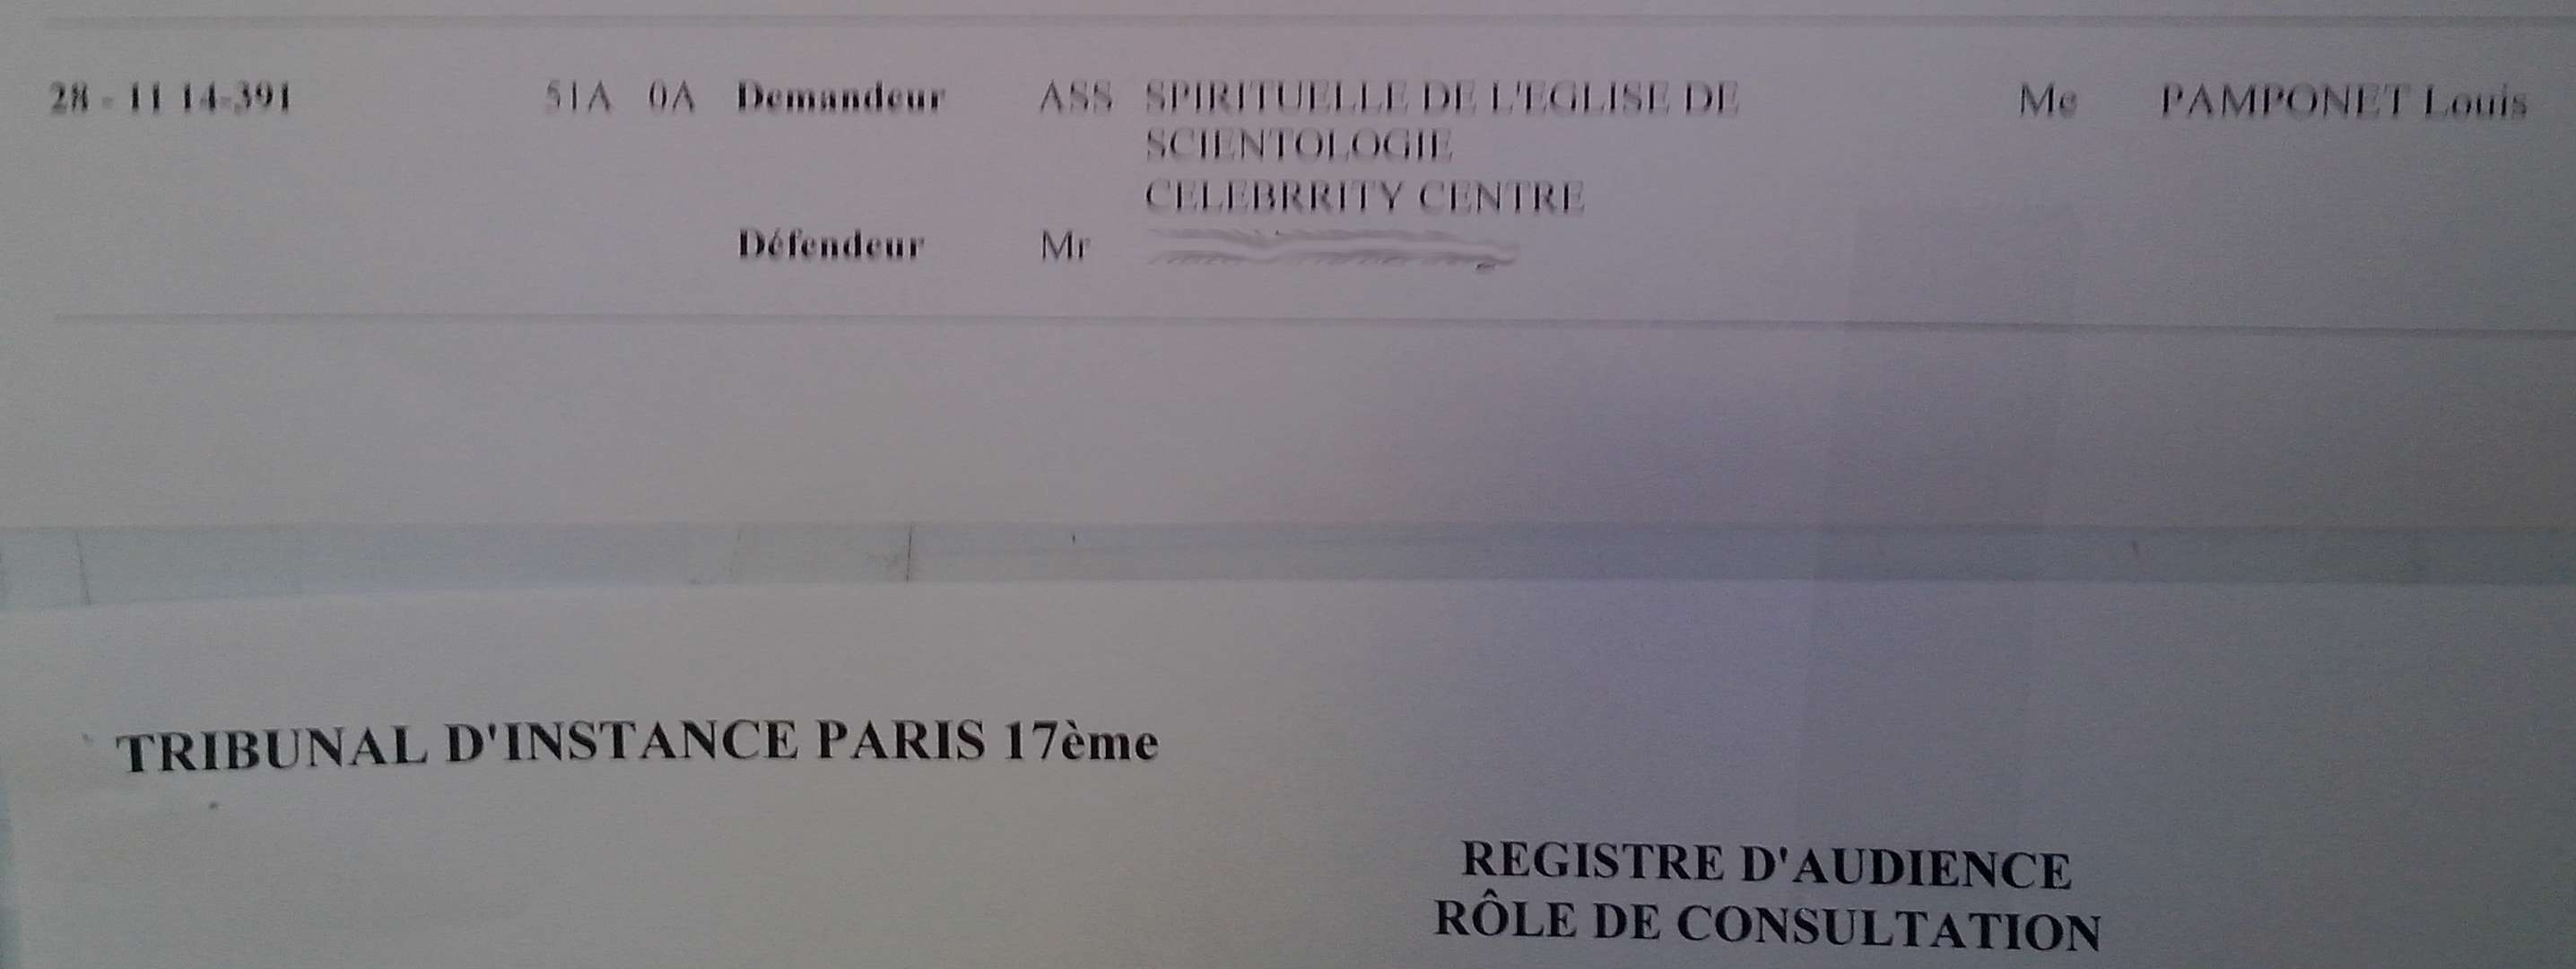 Scientologie religion humaine why we protest - Tribunal d instance de salon de provence ...